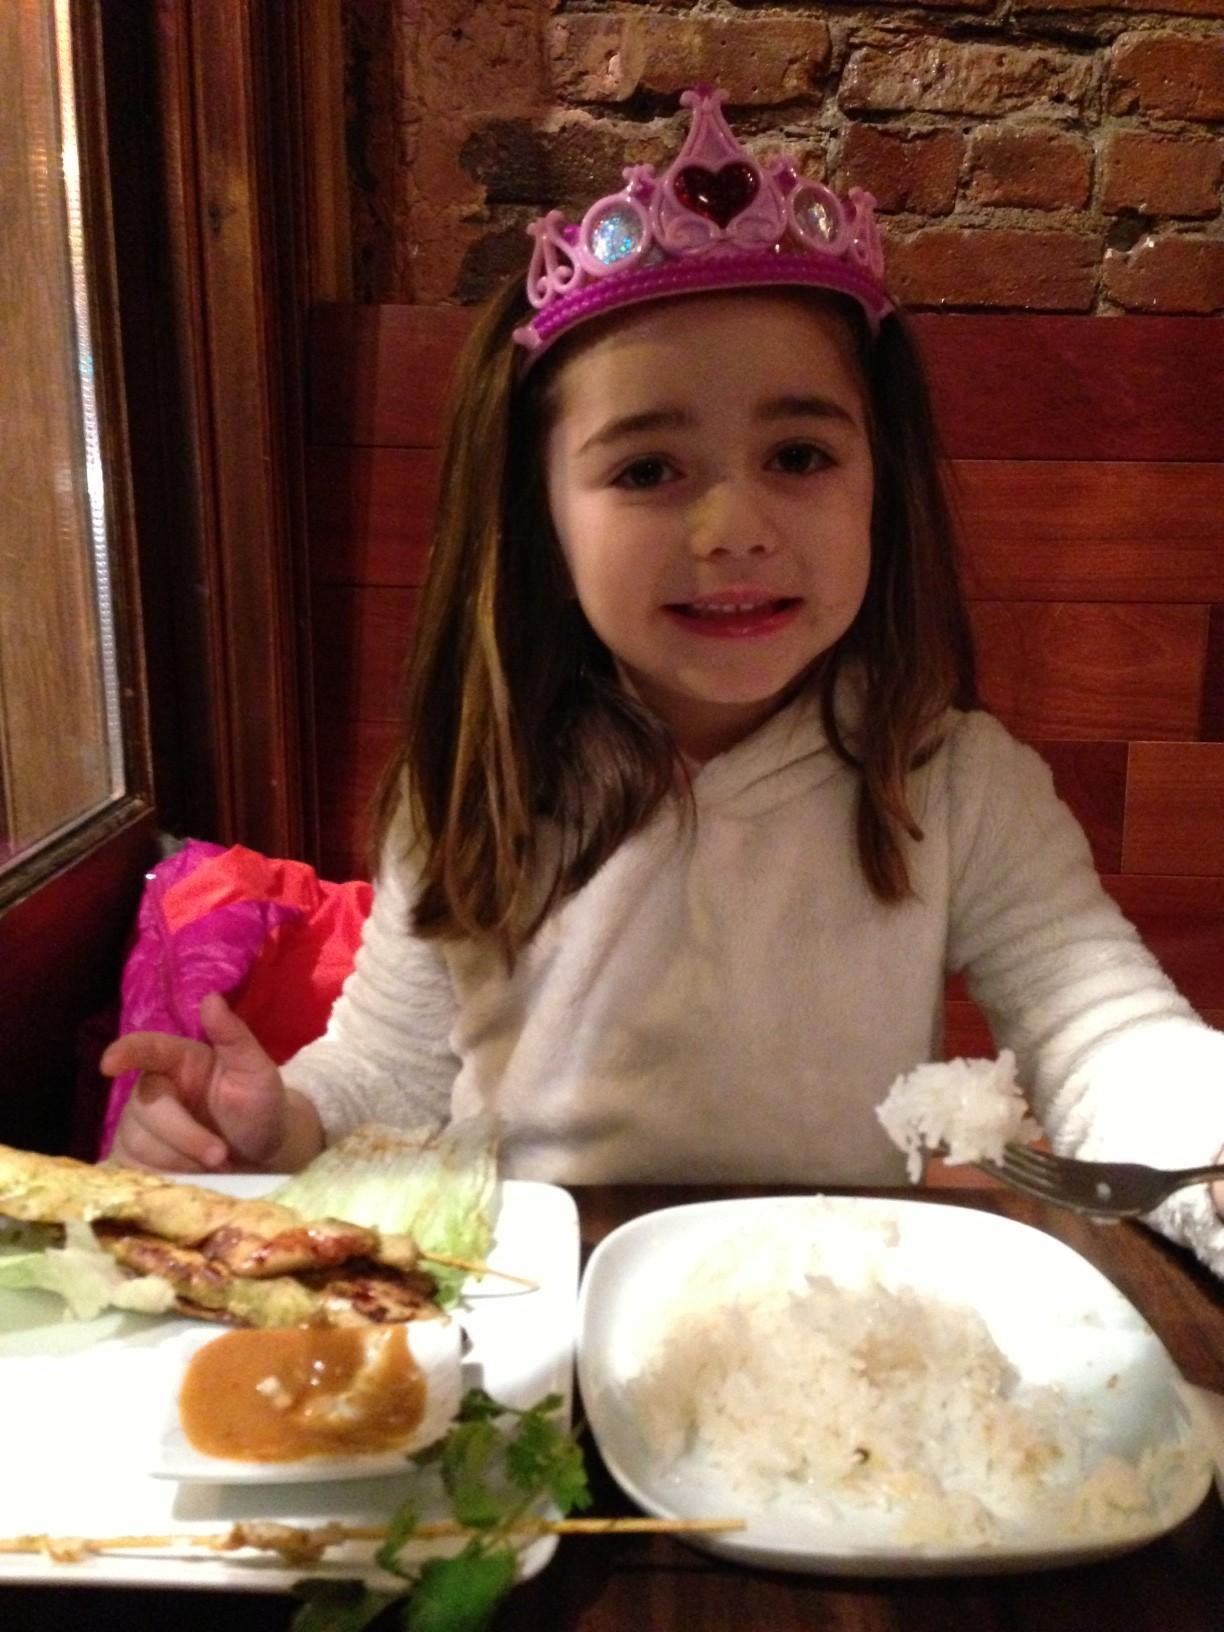 Ava Clark Alex Guarnaschellis Daughter Gnewsinfo Com